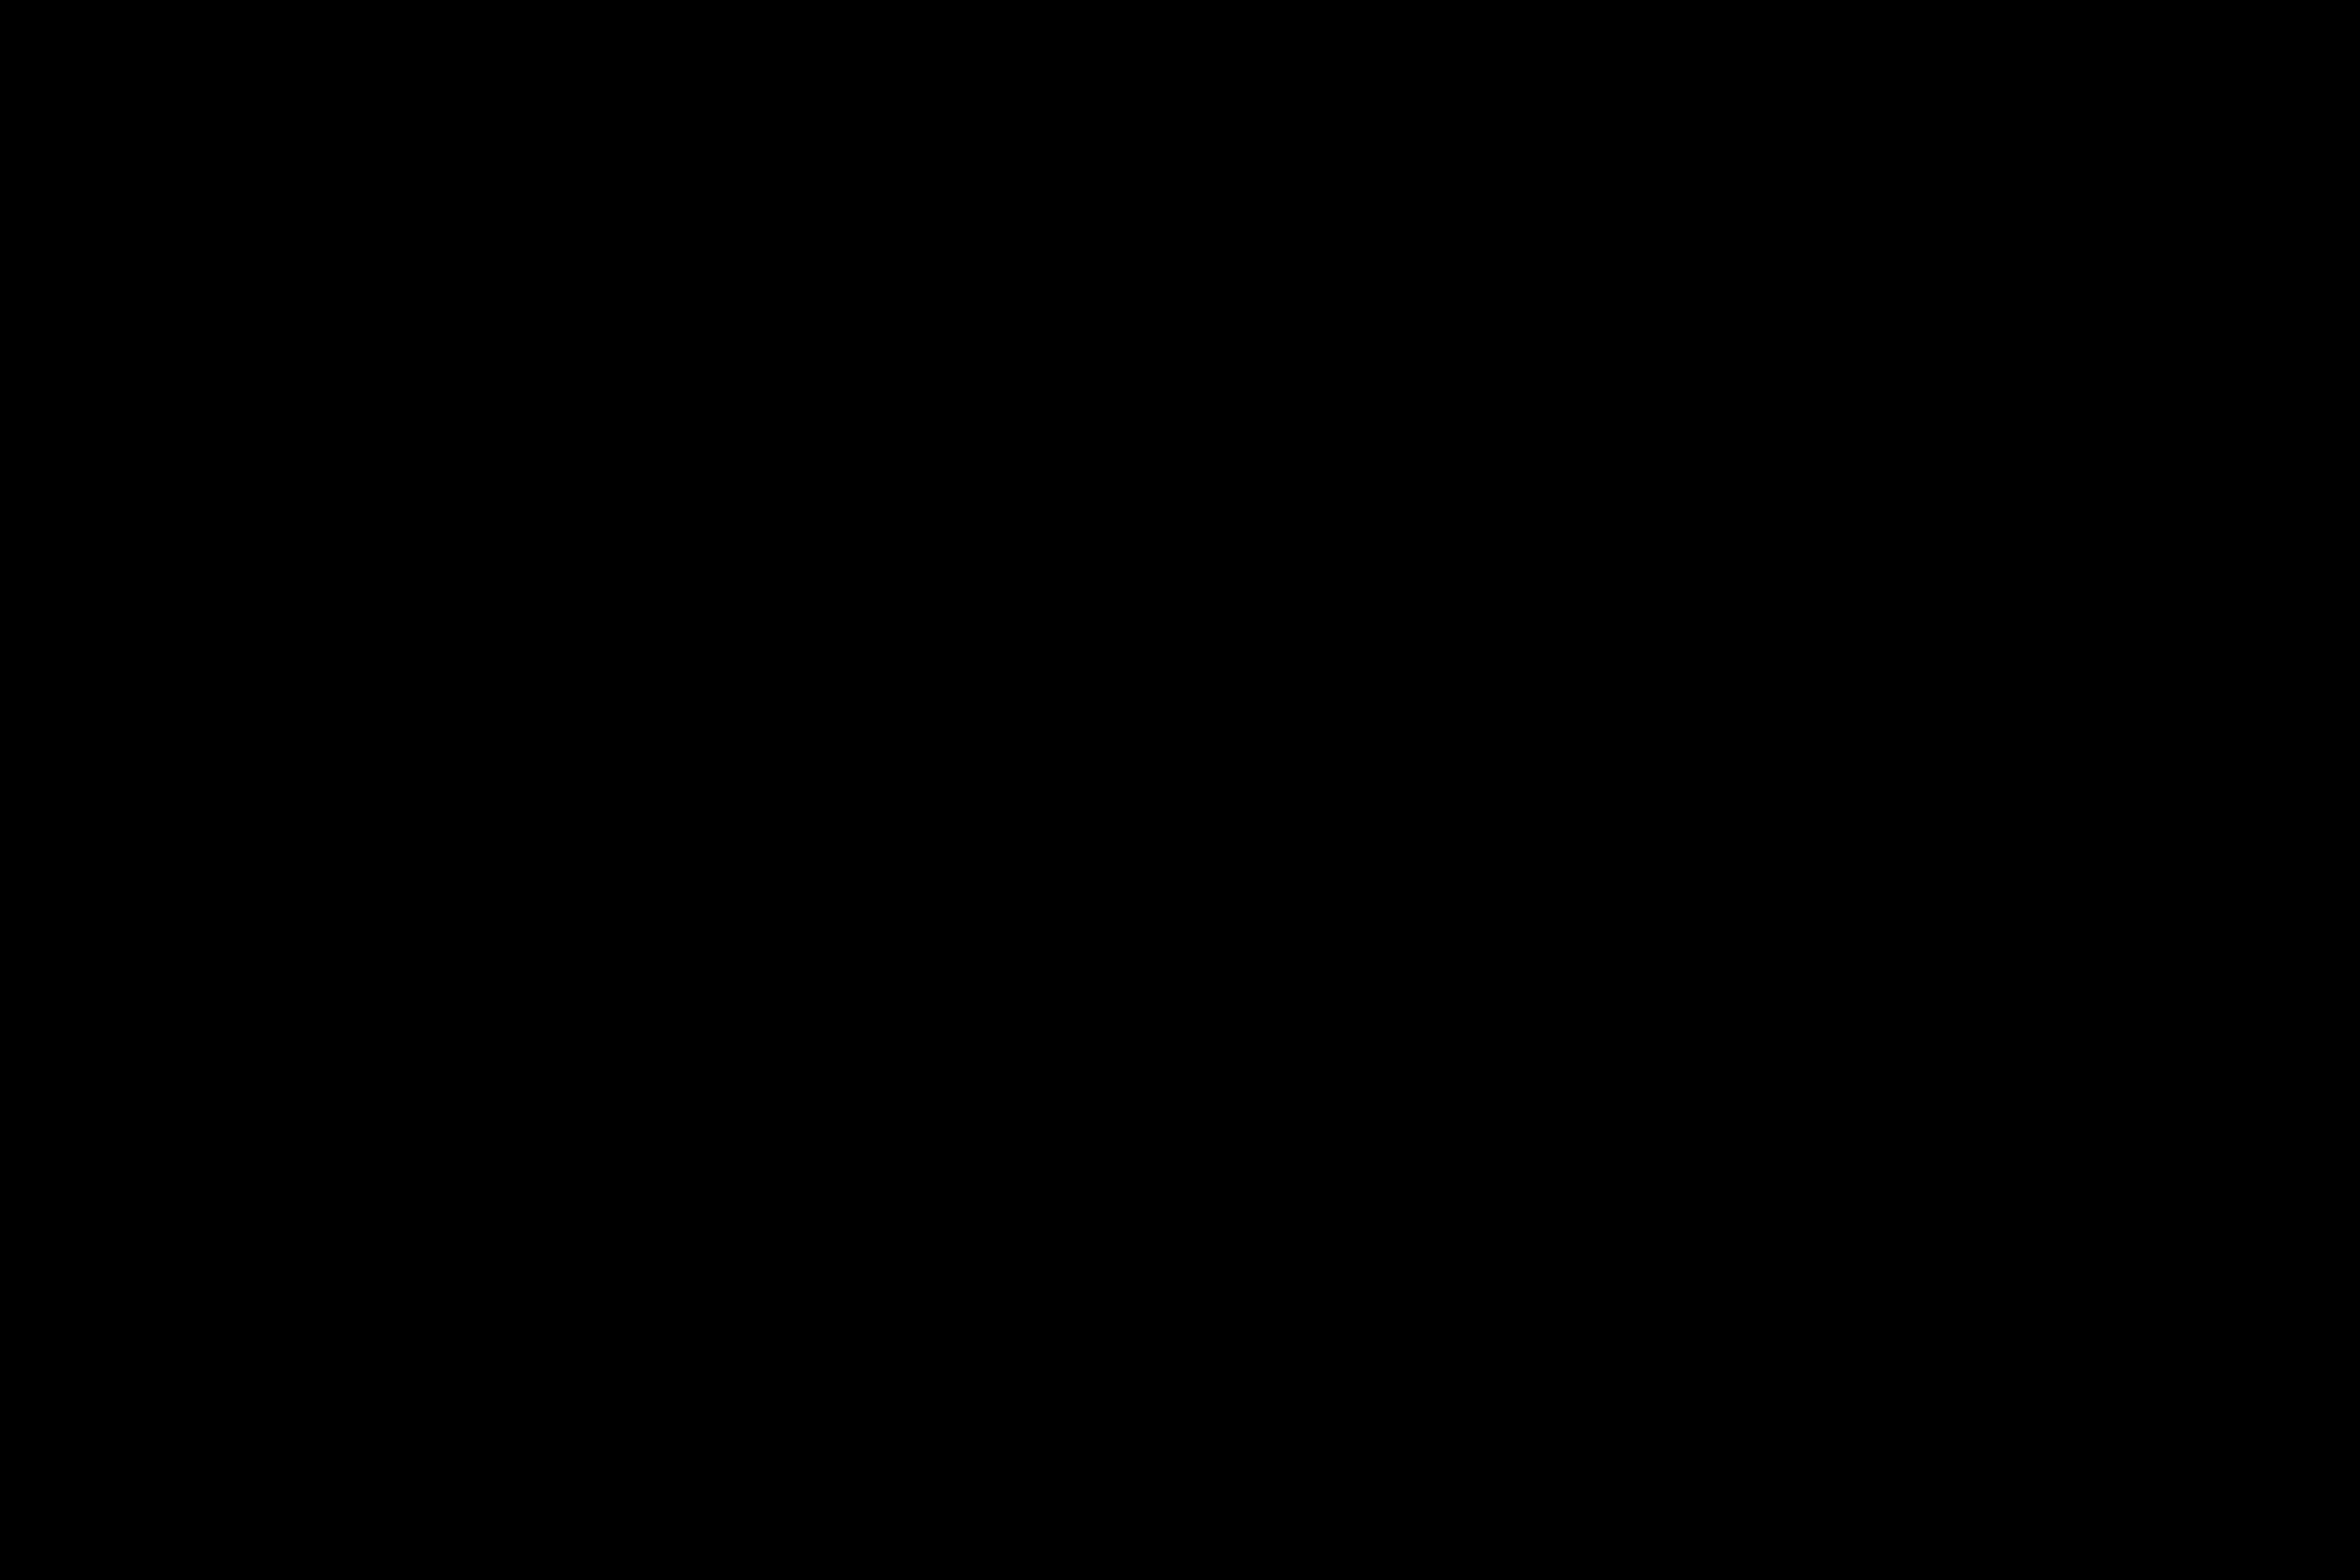 Prototype Porsche